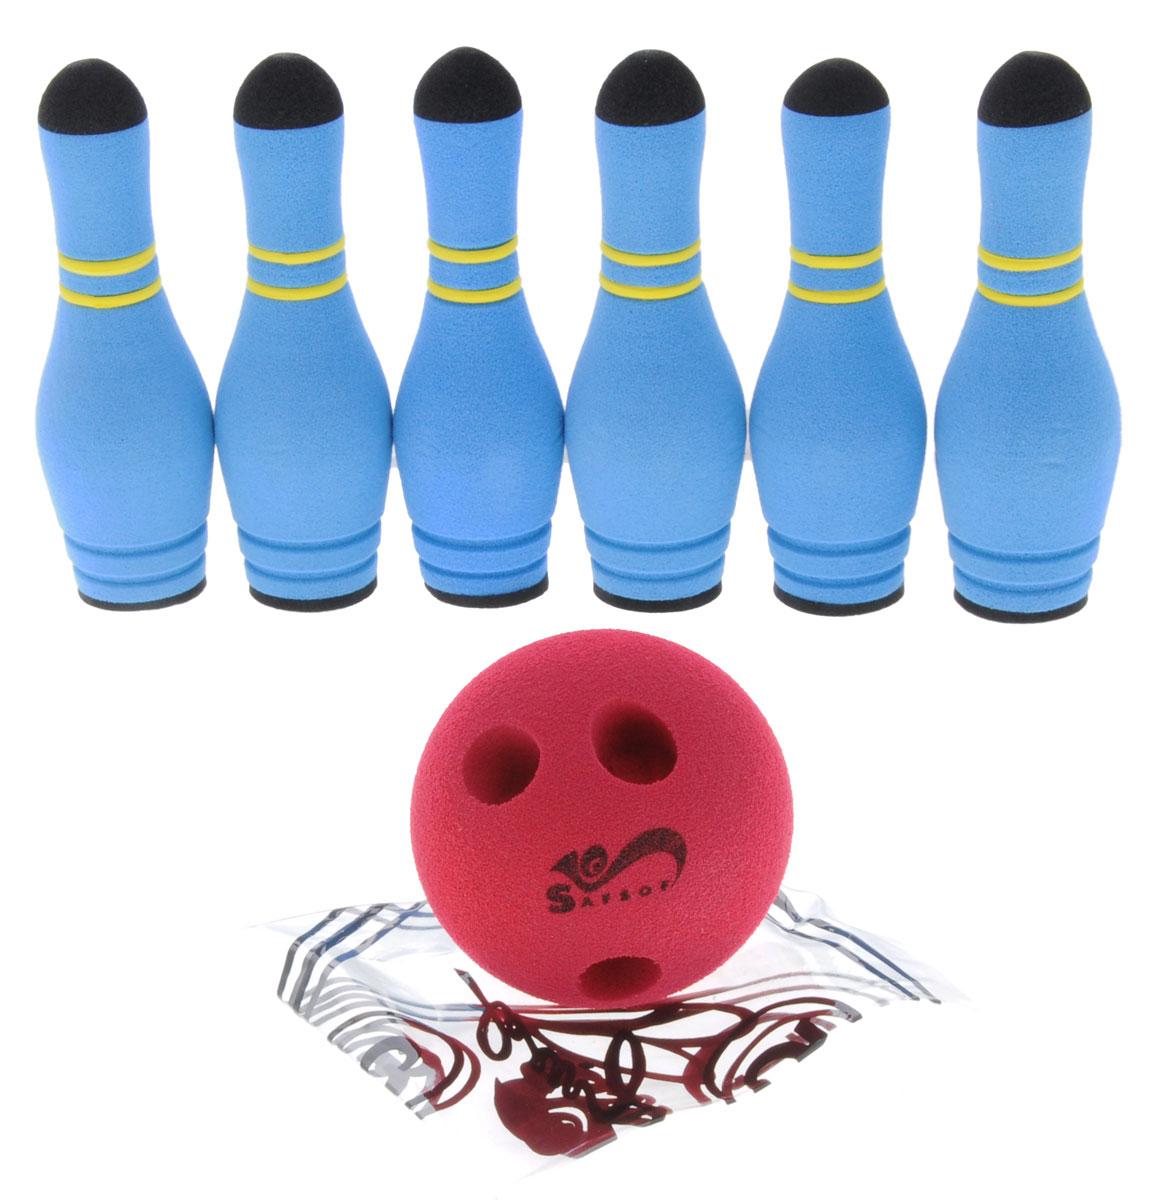 Safsof Игровой набор Мини-боулинг цвет голубой красныйMBB-05(B)_голубой,красныйИгровой набор Safsof Мини-боулинг, изготовленный из вспененной резины, состоит из шести кеглей и шара. Набор выполнен из мягкого материала, что обеспечивает безопасность ребенку. Суть игры в боулинг - сбить шаром максимальное количество кеглей. Число игроков и количество туров - произвольное. Очки, набранные с каждым броском мяча, рассматриваются как количество сбитых кегель. Расстояние, с которого совершается бросок, определяется игроками. Каждый игрок имеет право на два броска в одной рамке (рамка - треугольник, на поле которого выстраиваются кегли перед каждым первым броском очередного игрока). Бросок, при котором все кегли сбиты, называется страйк и обозначается как Х. Если все кегли сбиты первым броском, второй бросок не требуется: рамка считается закрытой. Призовые очки за страйк - это сумма кеглей, сбитых игроком следующими двумя бросками. Выигрывает тот игрок, который в сумме набирает больше очков.